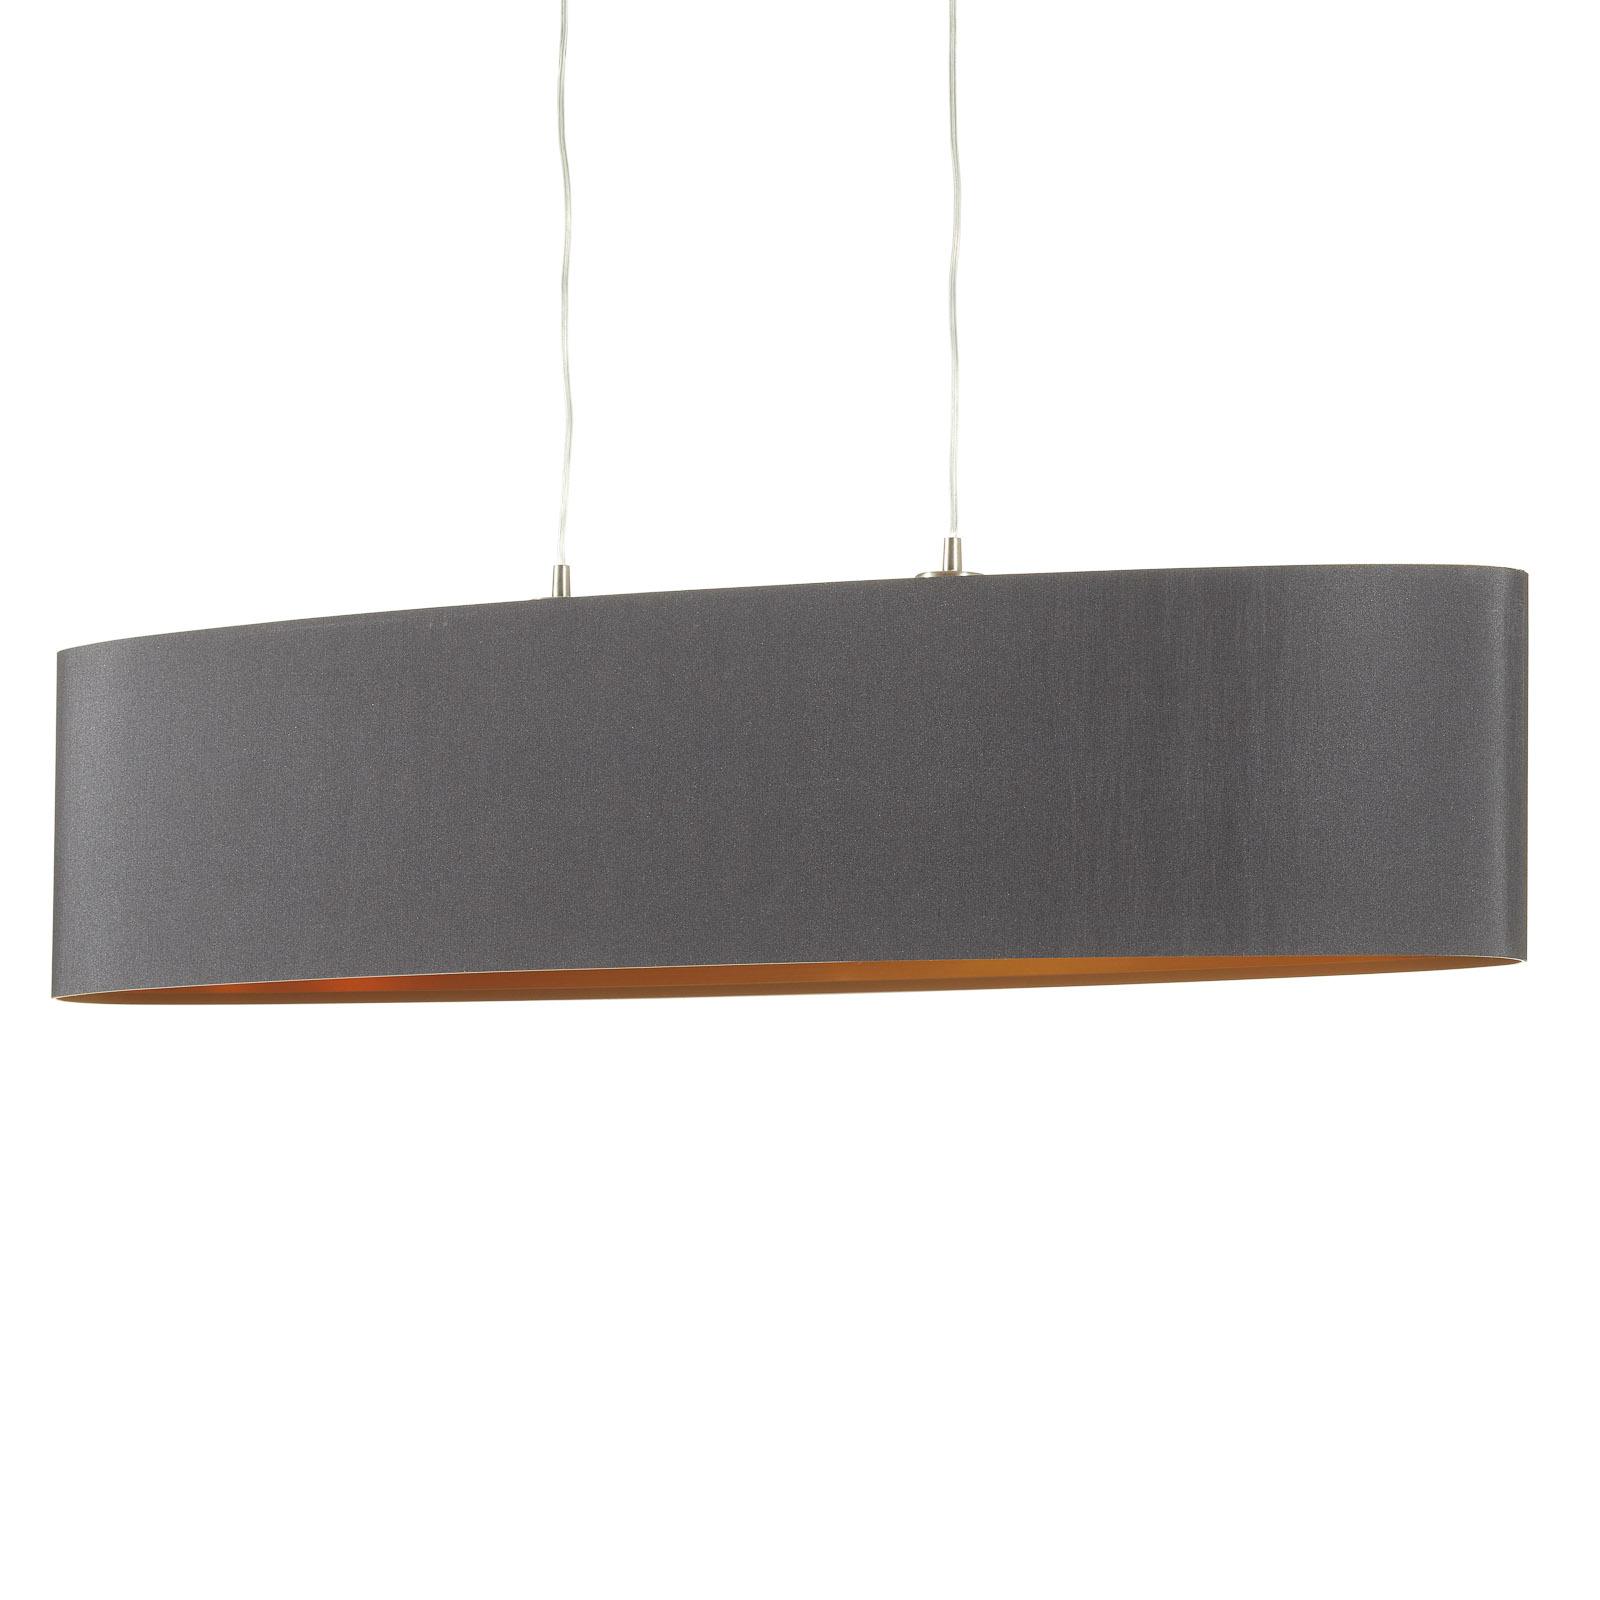 Textil Hängeleuchte Lecio, oval, 100 cm, schwarz